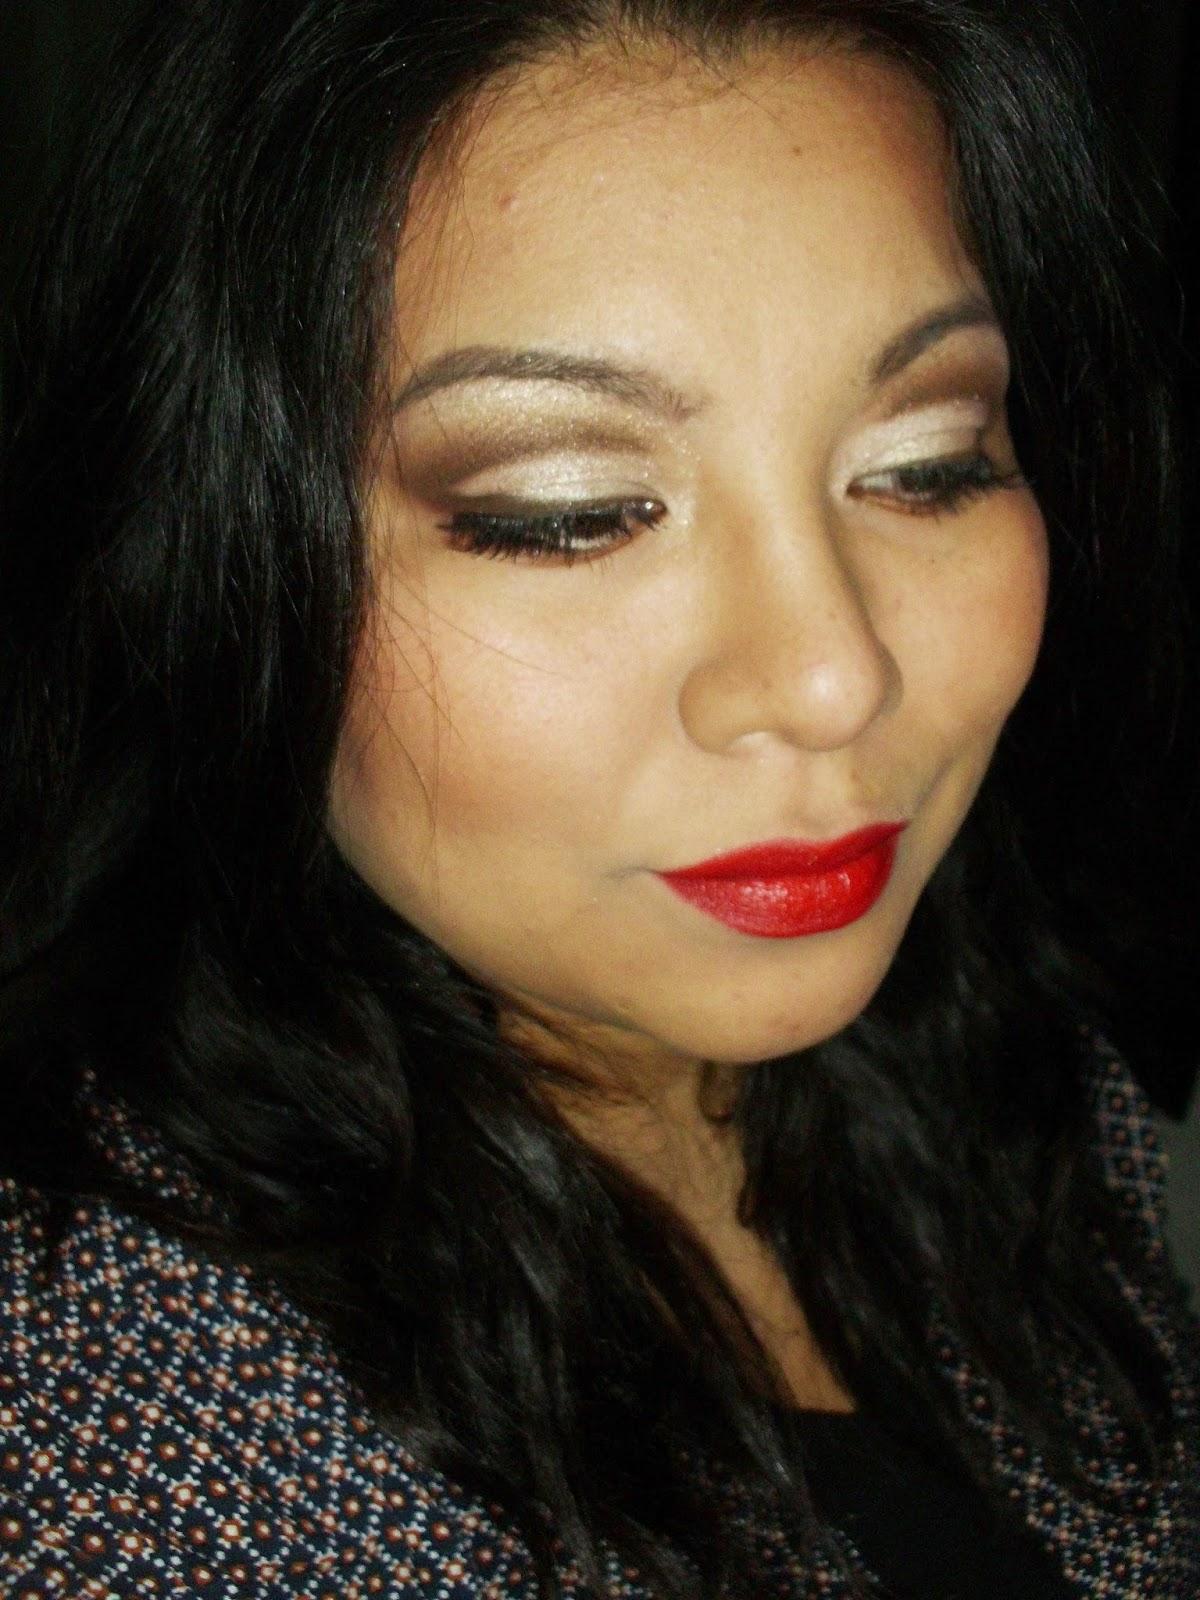 Aurora, Amor por El maquillaje, Paciugopedia, Camelot, Nabla Cosmetics, 2in1 Long Lasting Eyeshadow with primer, Deborah, Moulin ROuge, Debby